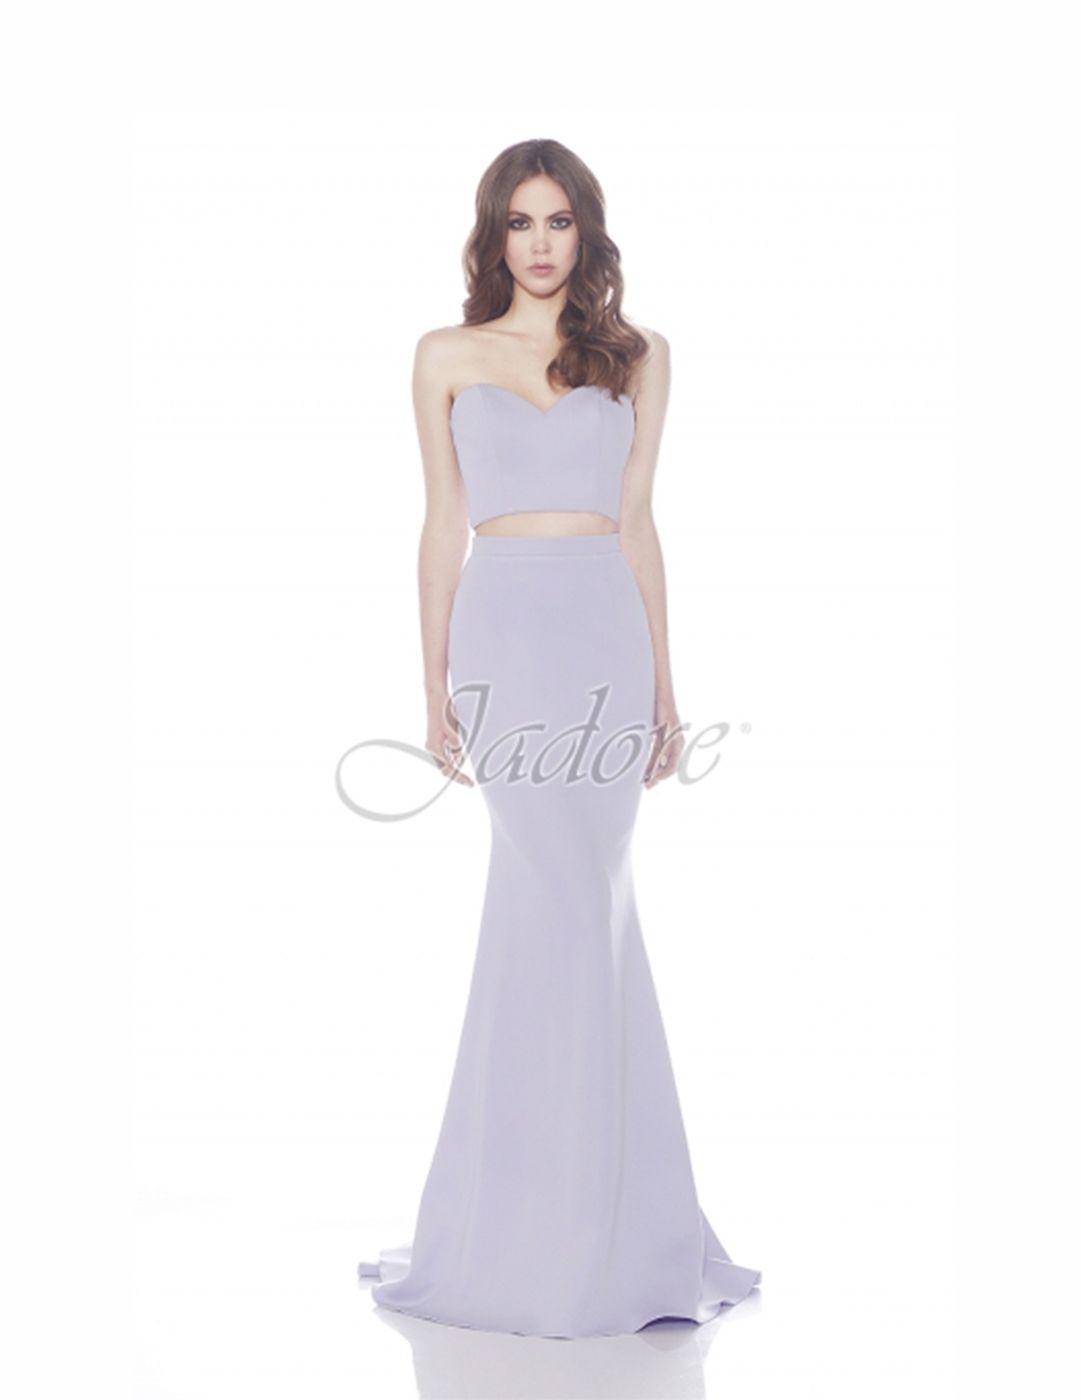 e707d5016eb View Dress - Jadore J7 Collection - J7004